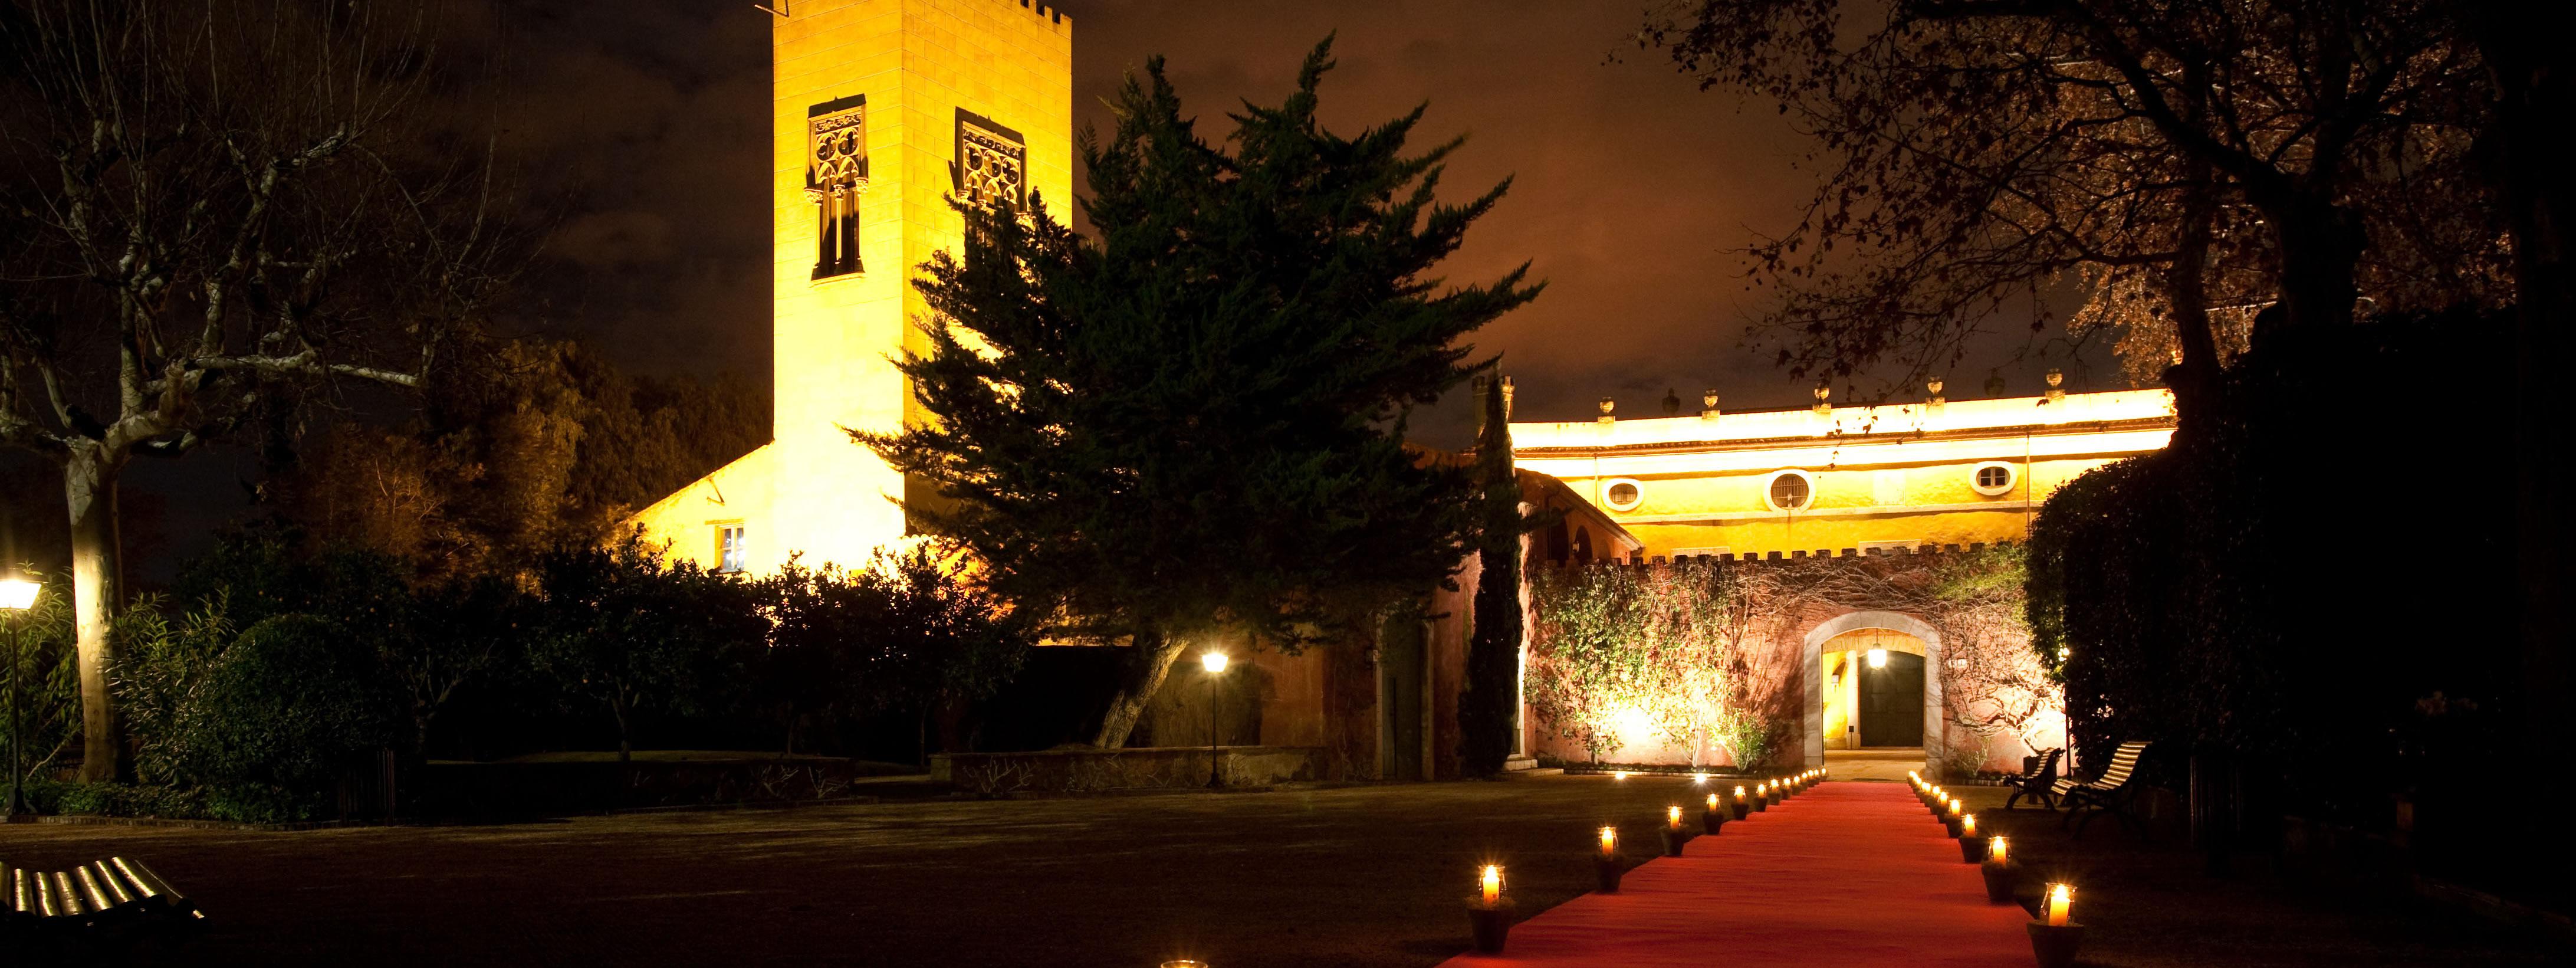 Cena de Fin de Año en Hotel Mas La Boella, Tarragona